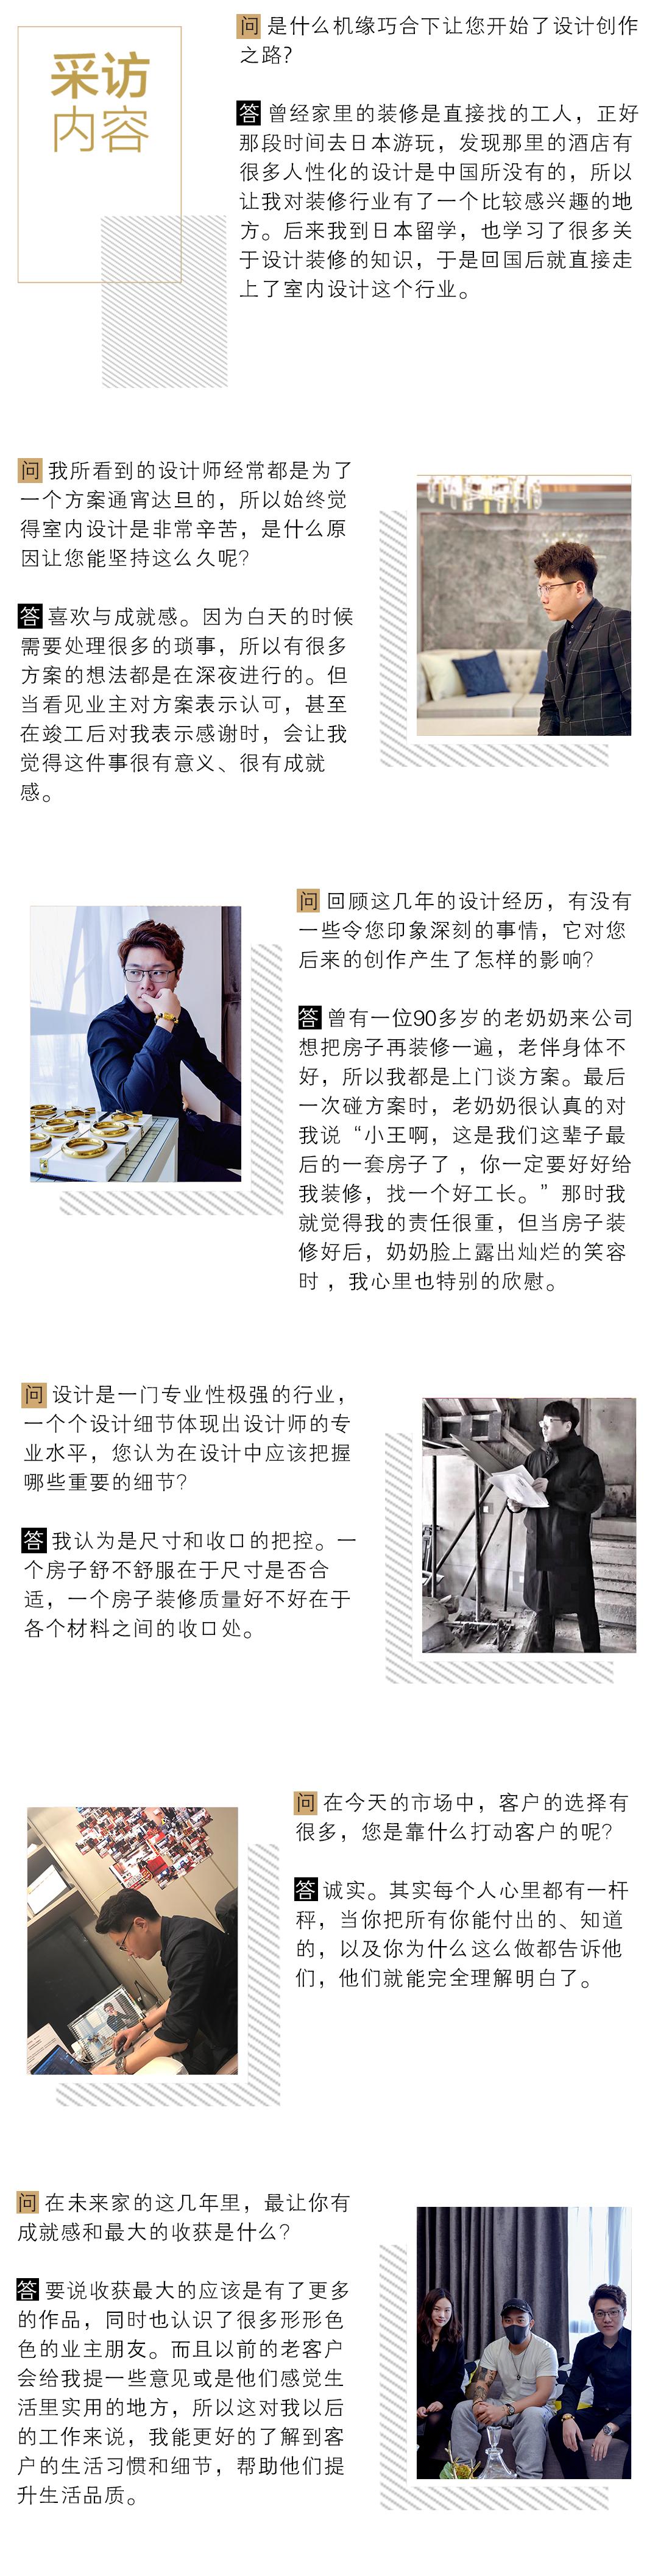 采访问答-王竞浩